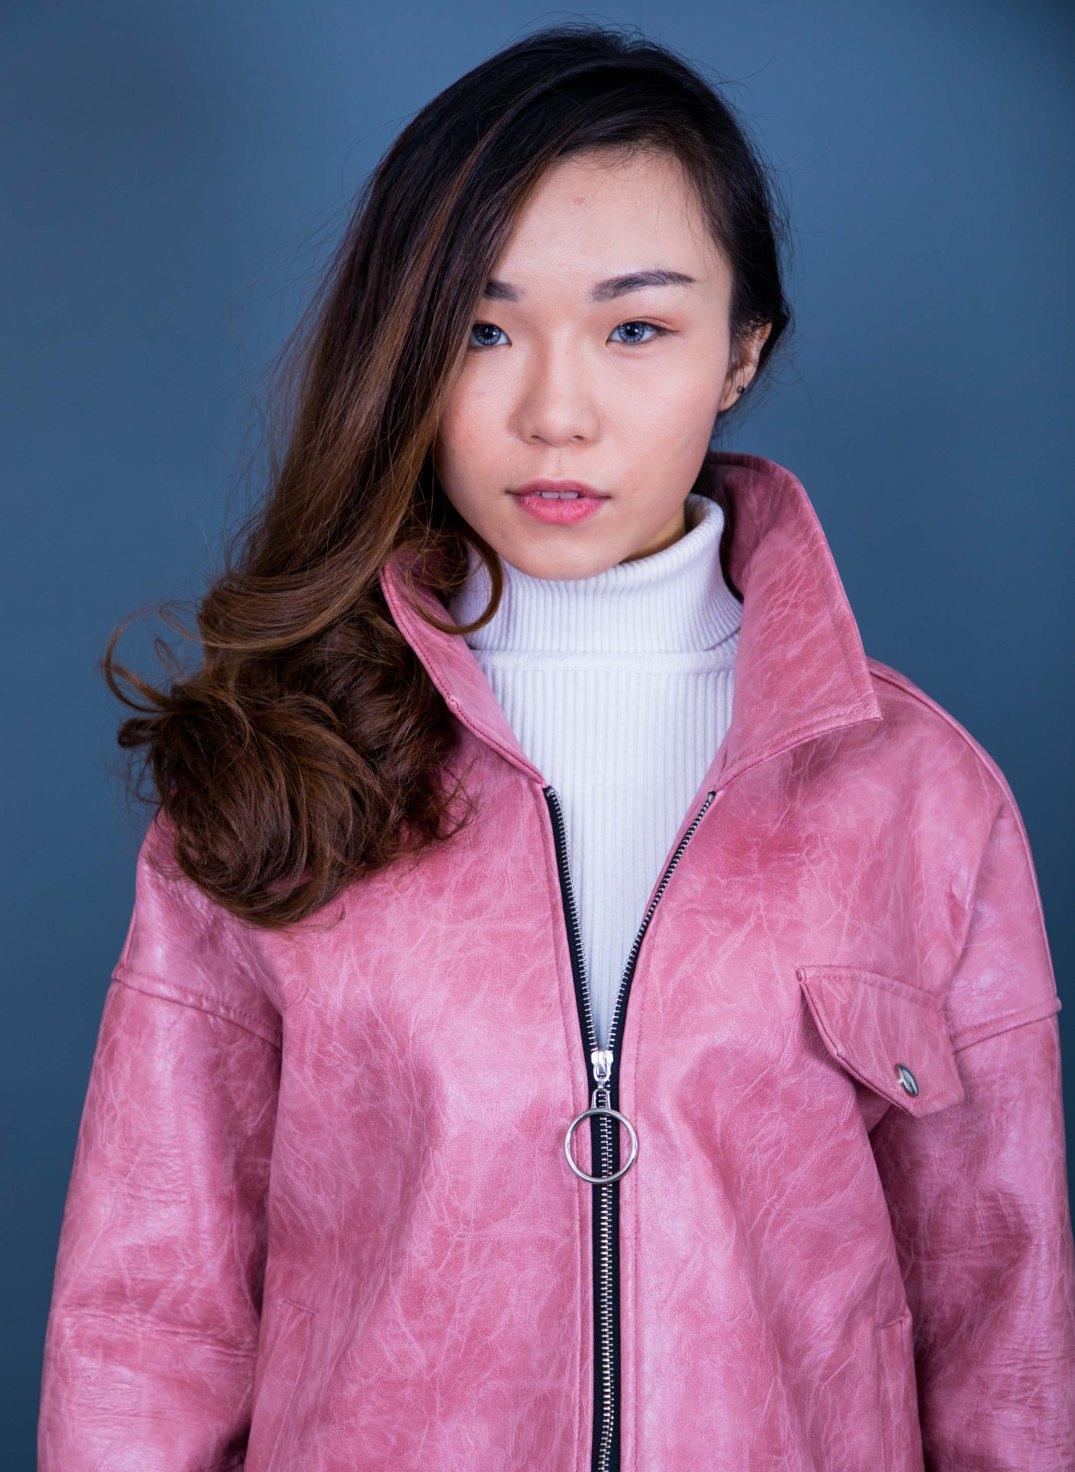 時裝服裝攝影 fashion Photography paulstylist_Zifonia-14